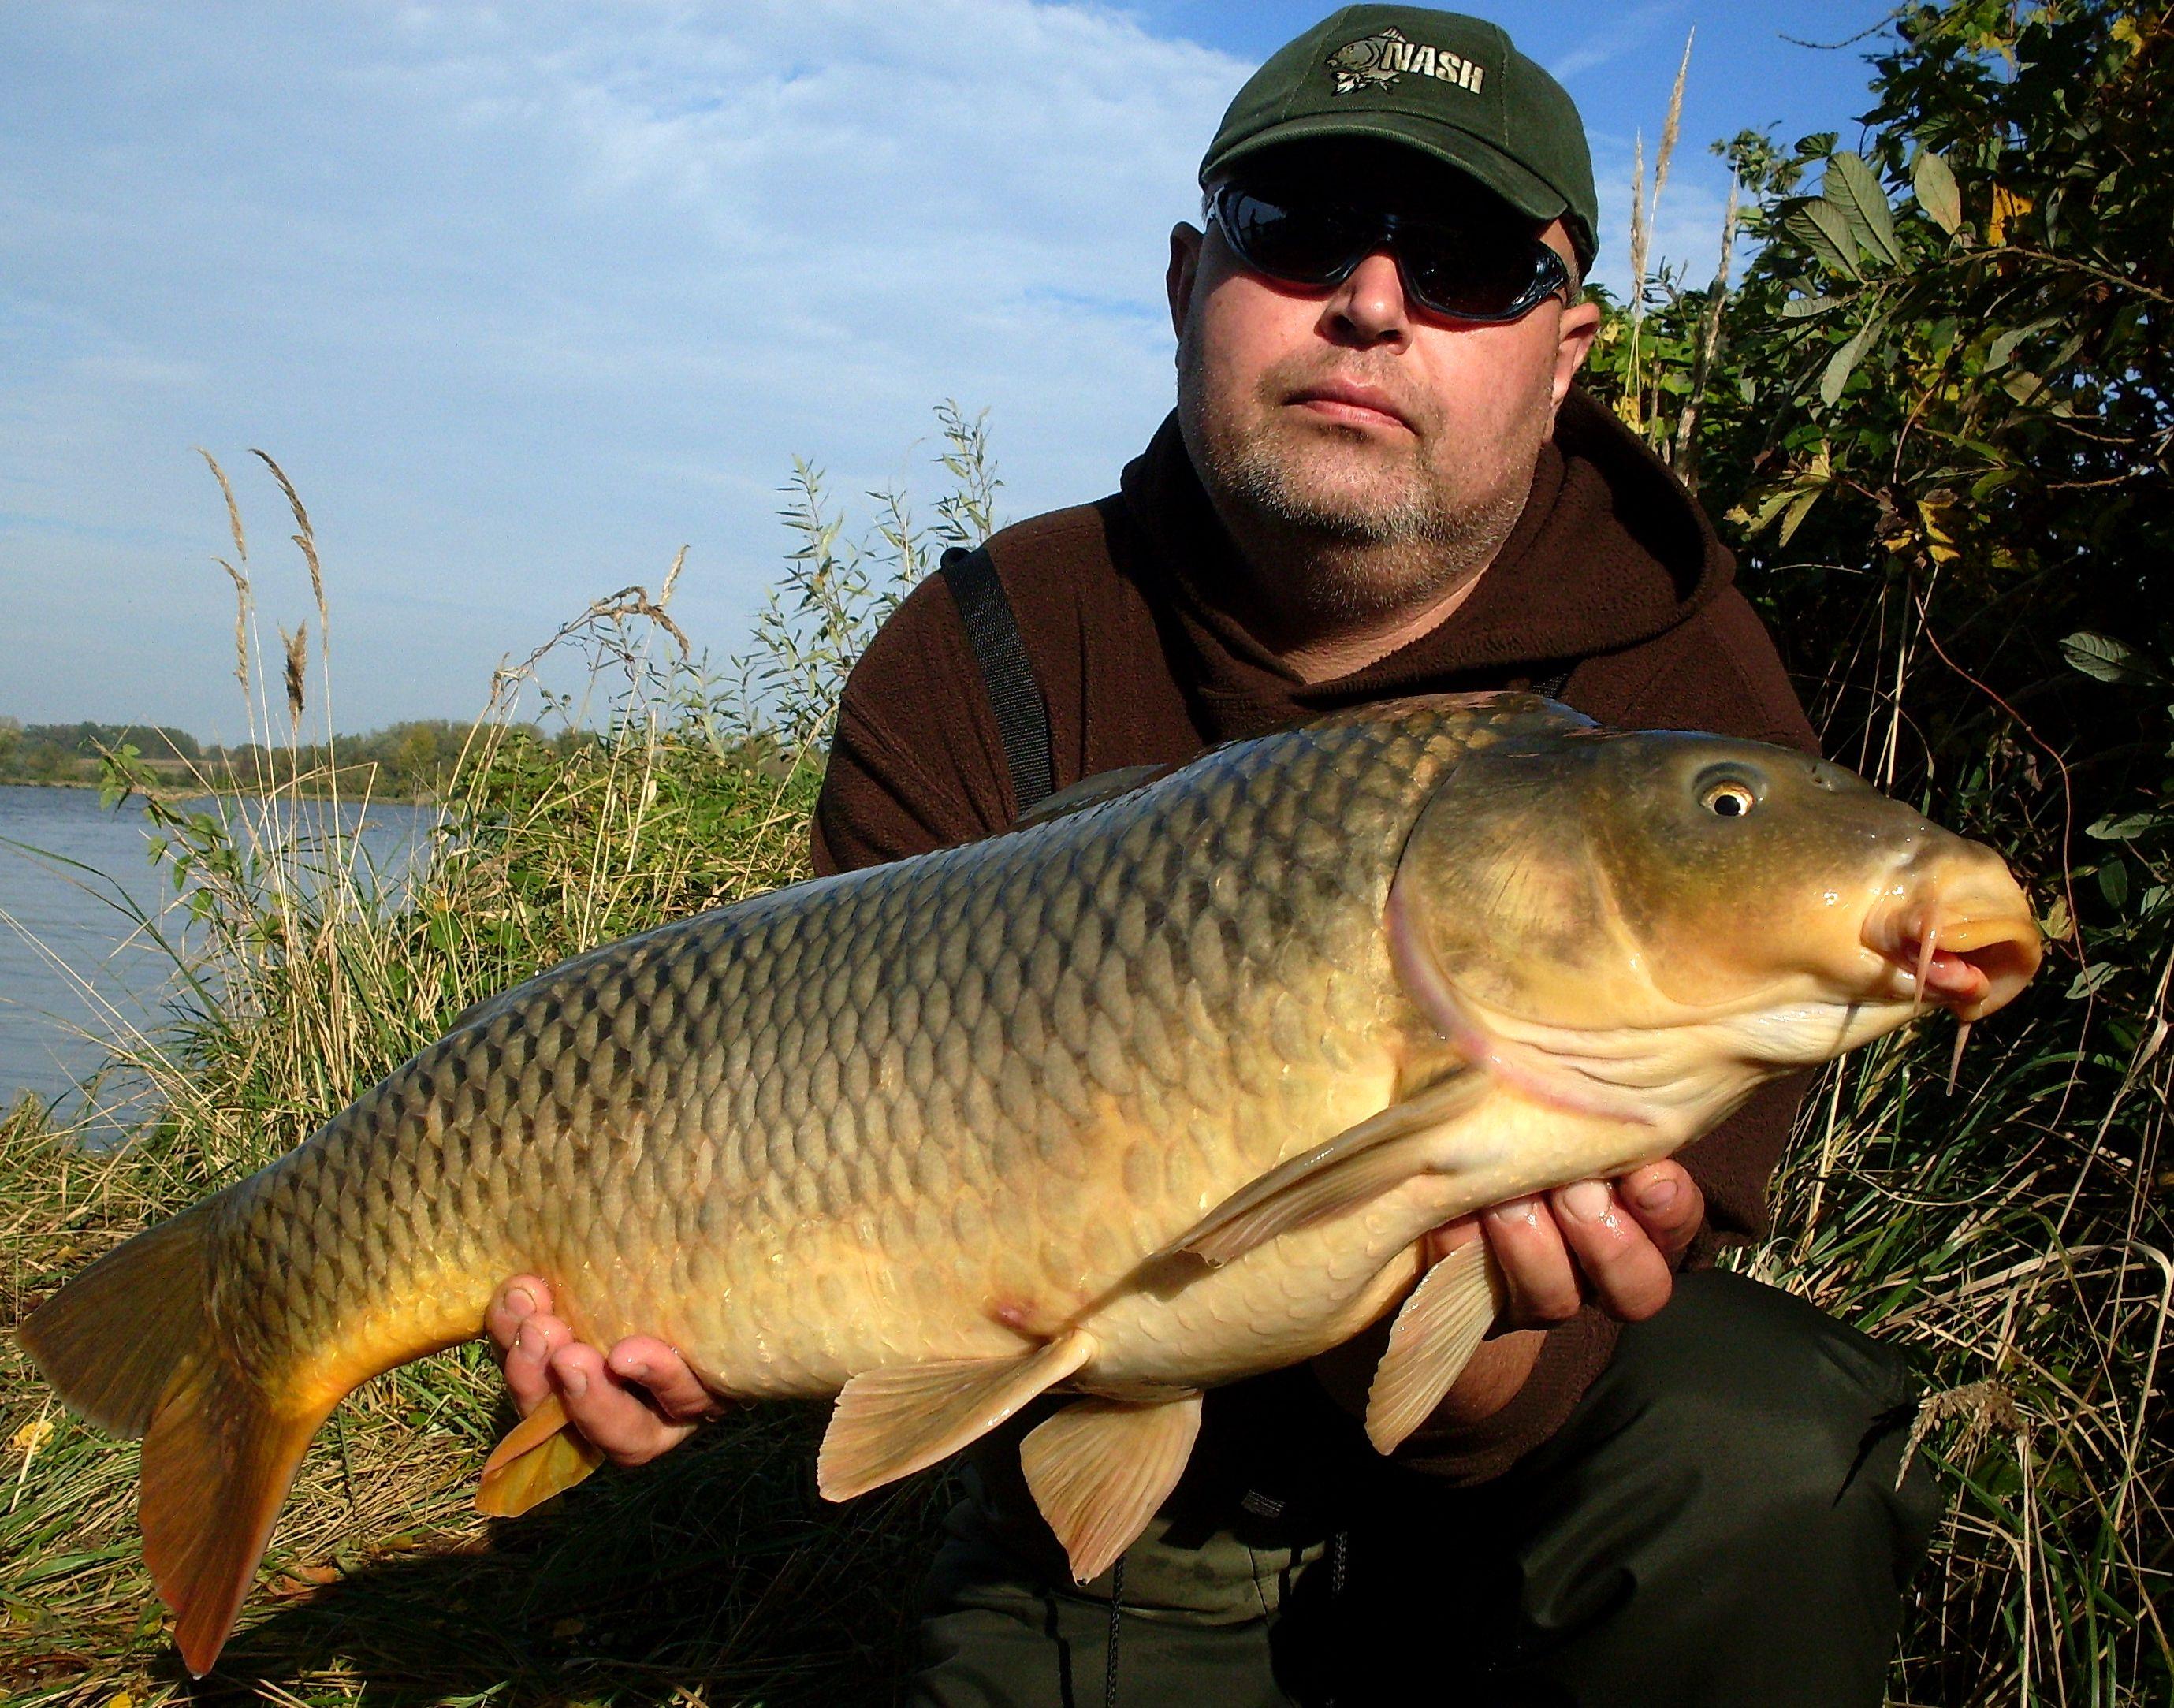 Lov kapitálních kaprů: Zaručený tip! Jak vyrobit krmení, které milují trofejní ryby?